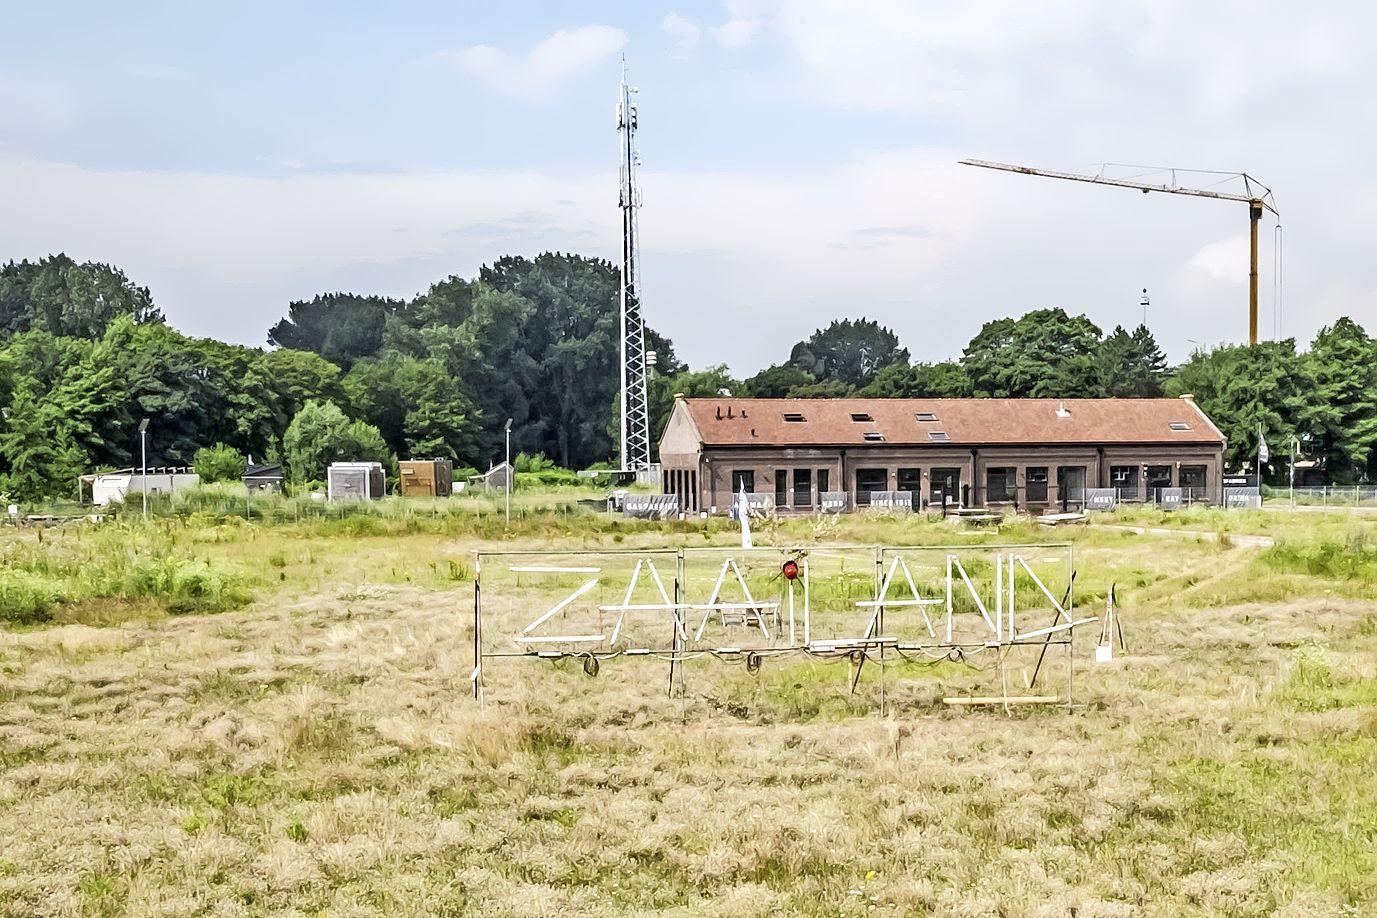 Zaailand: nieuwe broedplaats in toekomstig woongebied op voormalig Nuon-terrein. 'Kunstenaars en ontwerpers moeten de blik verbreden en inspireren'